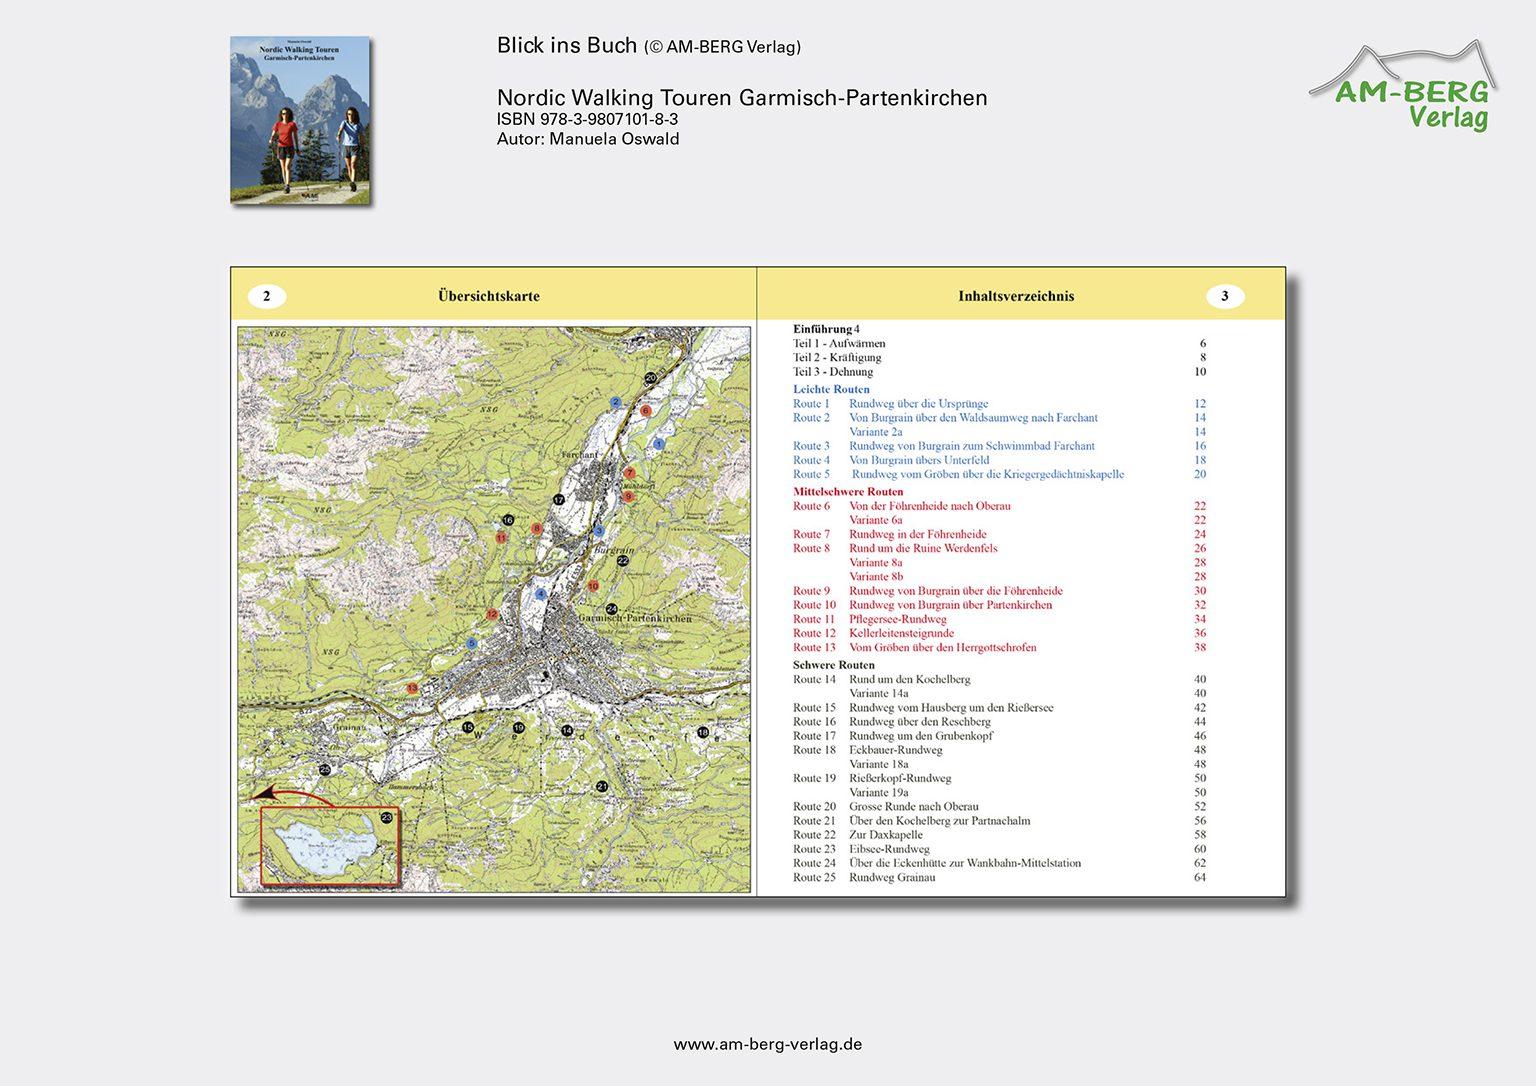 Nordic Walking Touren Garmisch-Partenkirchen_BlickinsBuch1